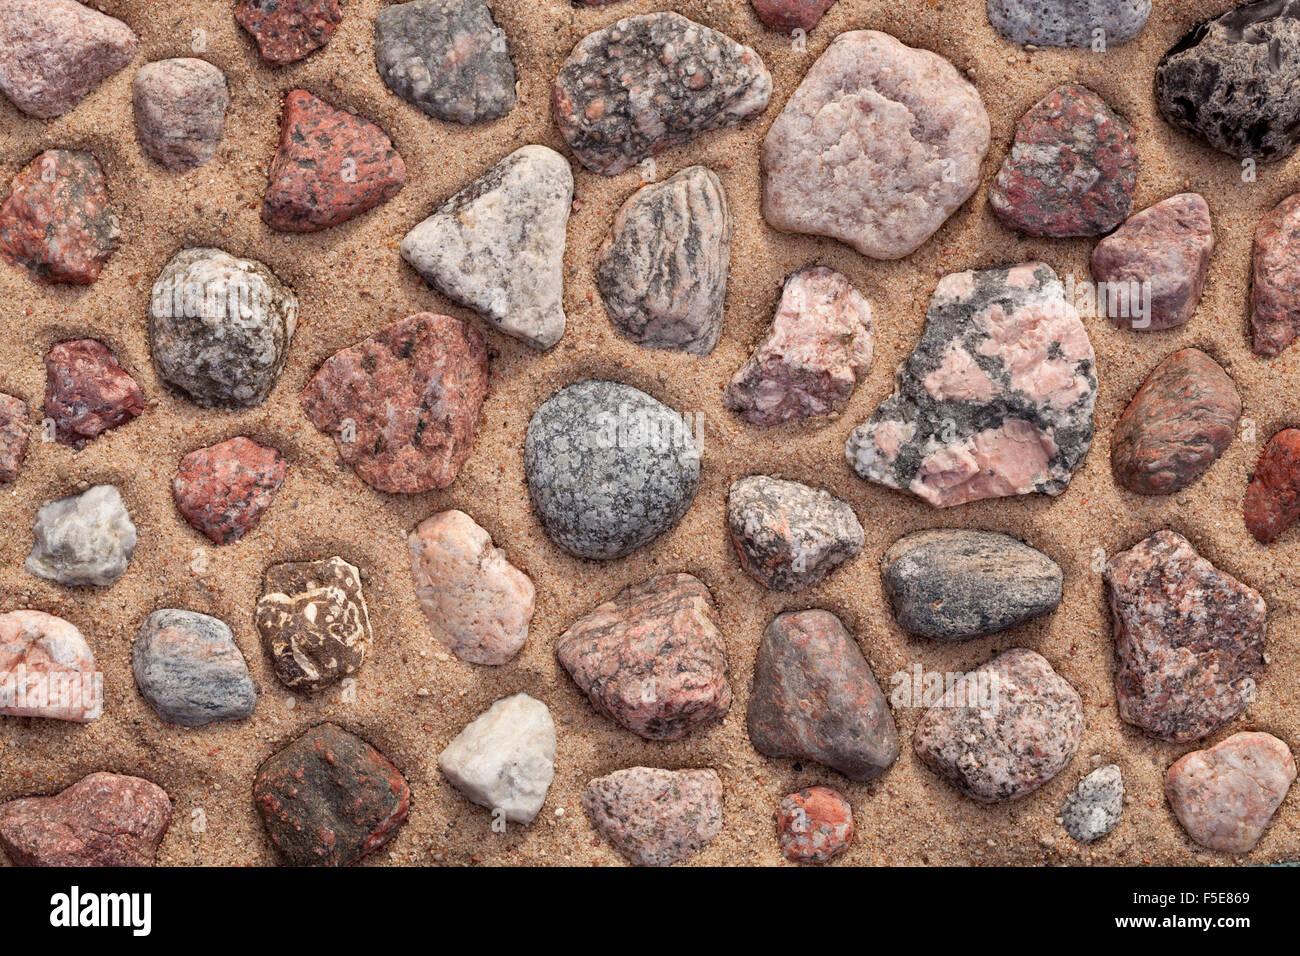 bunten Steinen auf Sand als Hintergrund angeordnet Stockbild